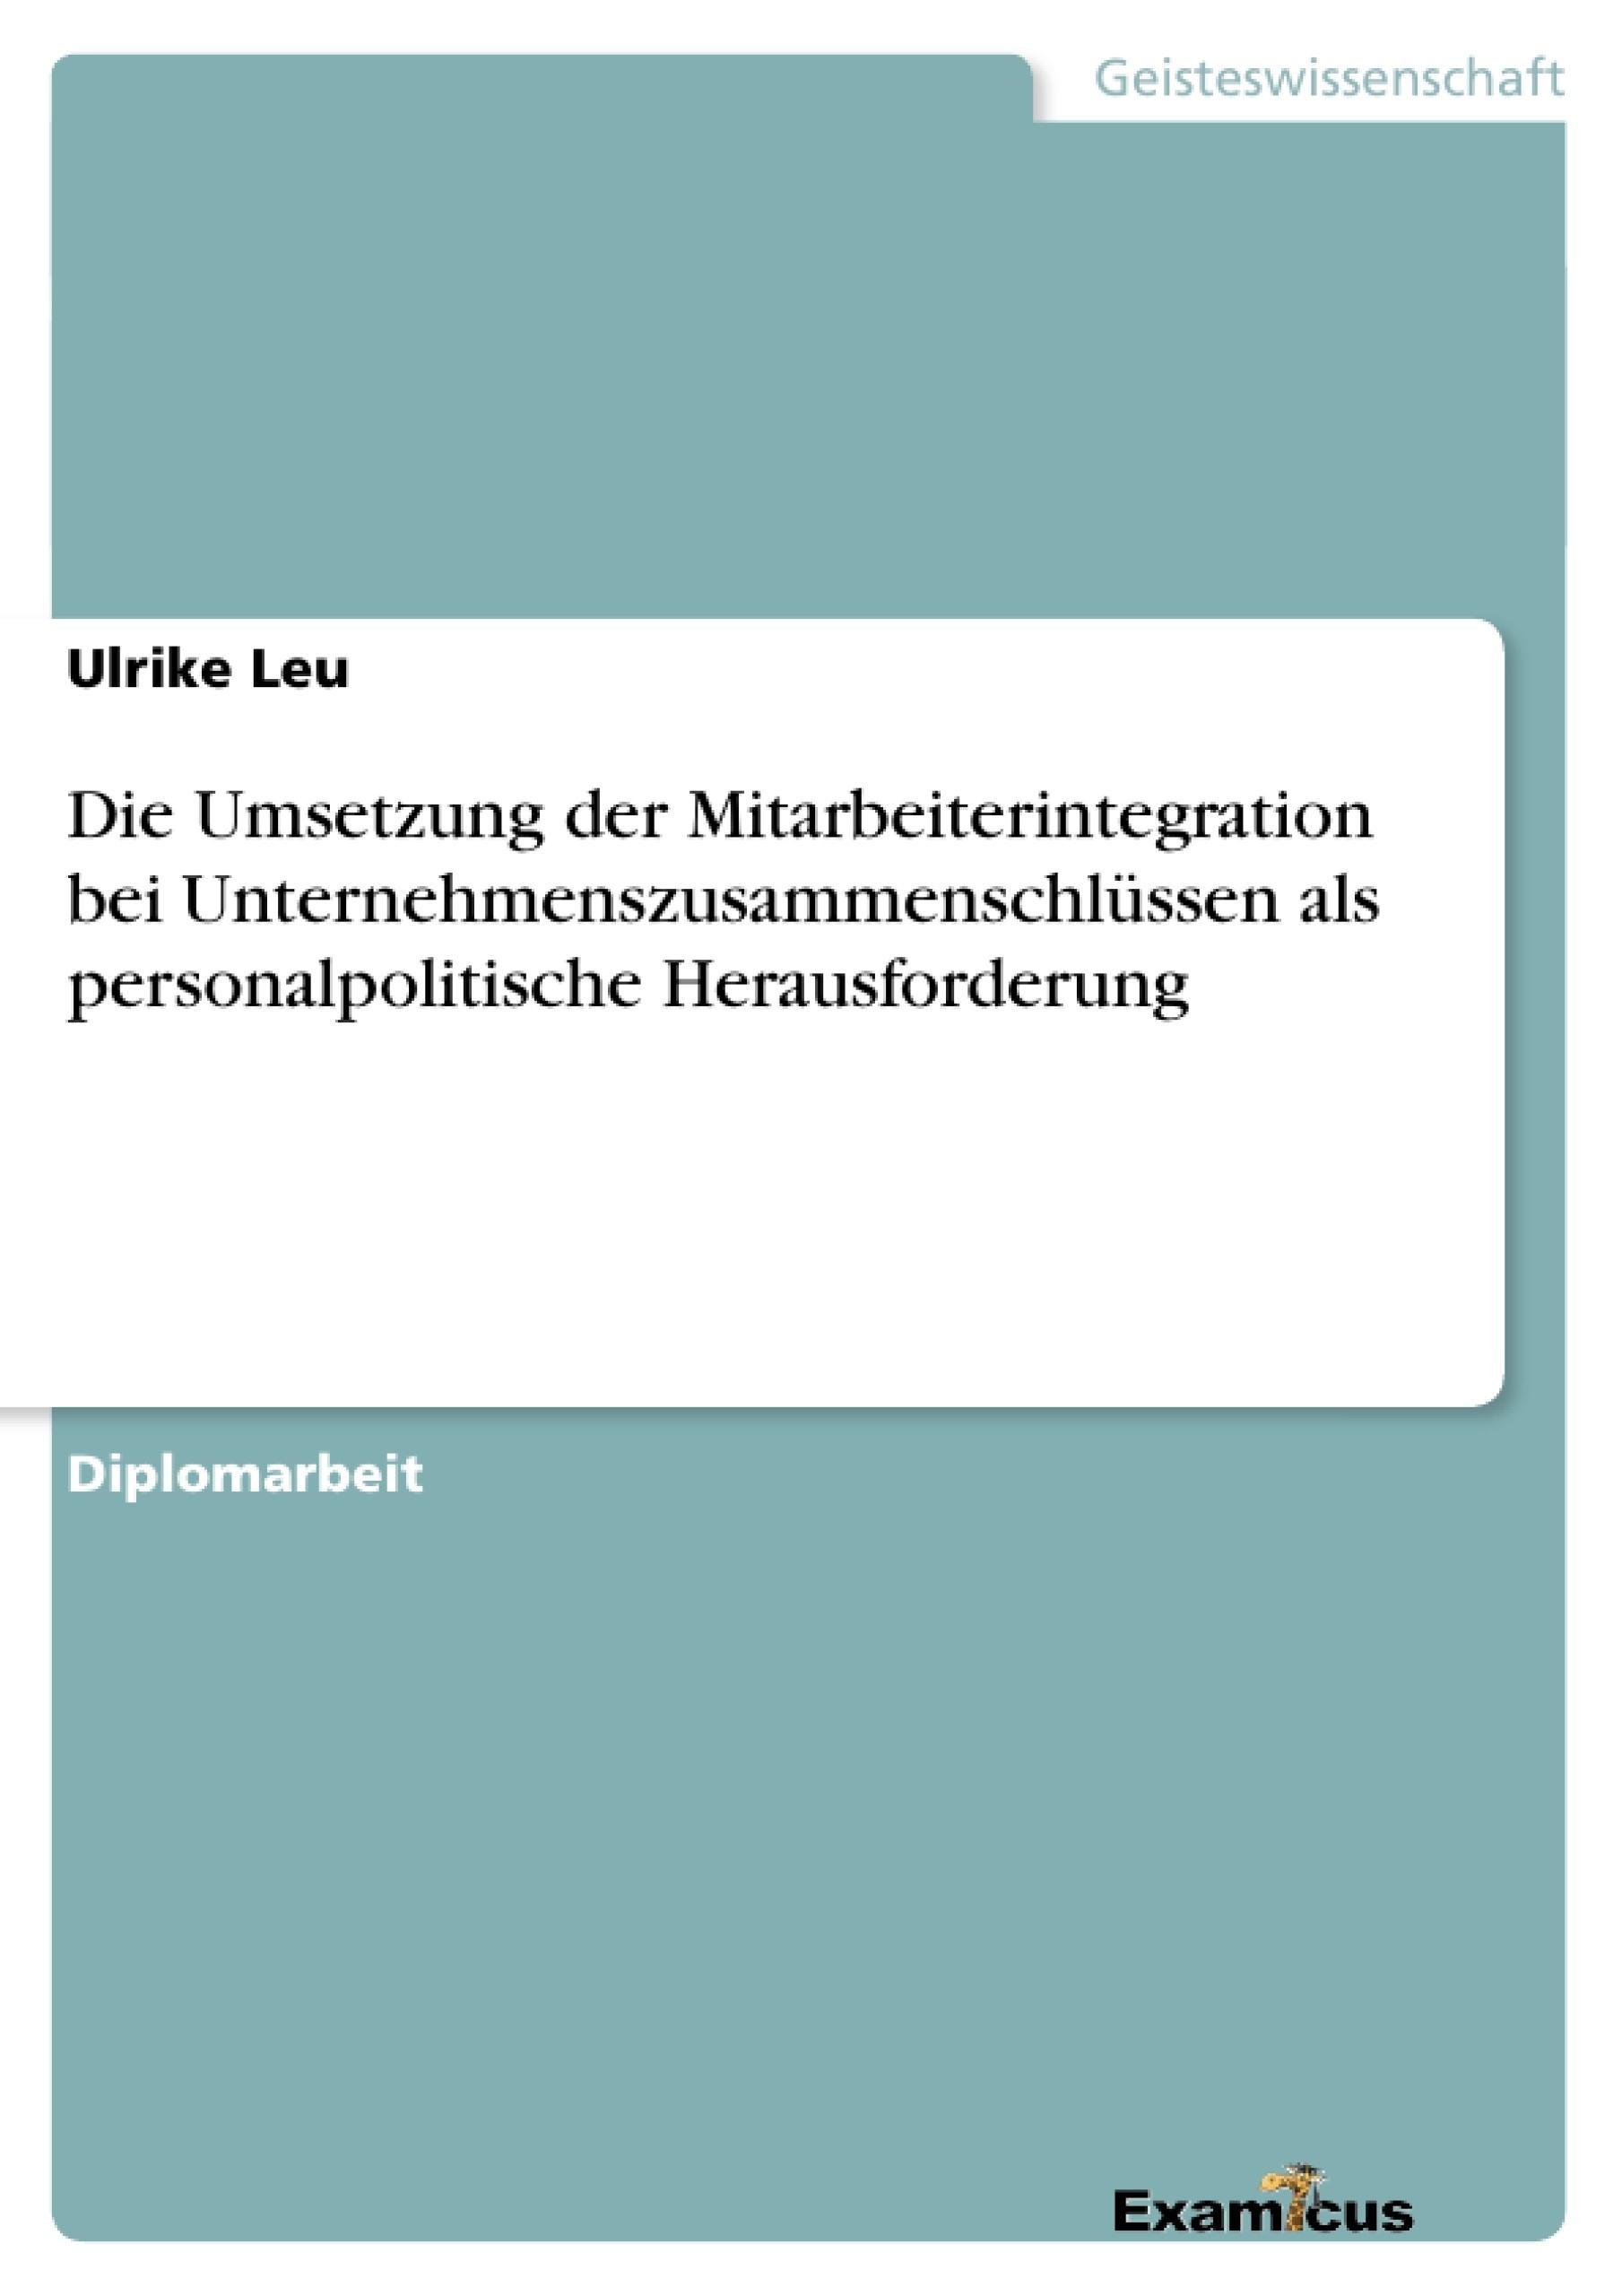 Titel: Die Umsetzung der Mitarbeiterintegration bei Unternehmenszusammenschlüssen als personalpolitische Herausforderung